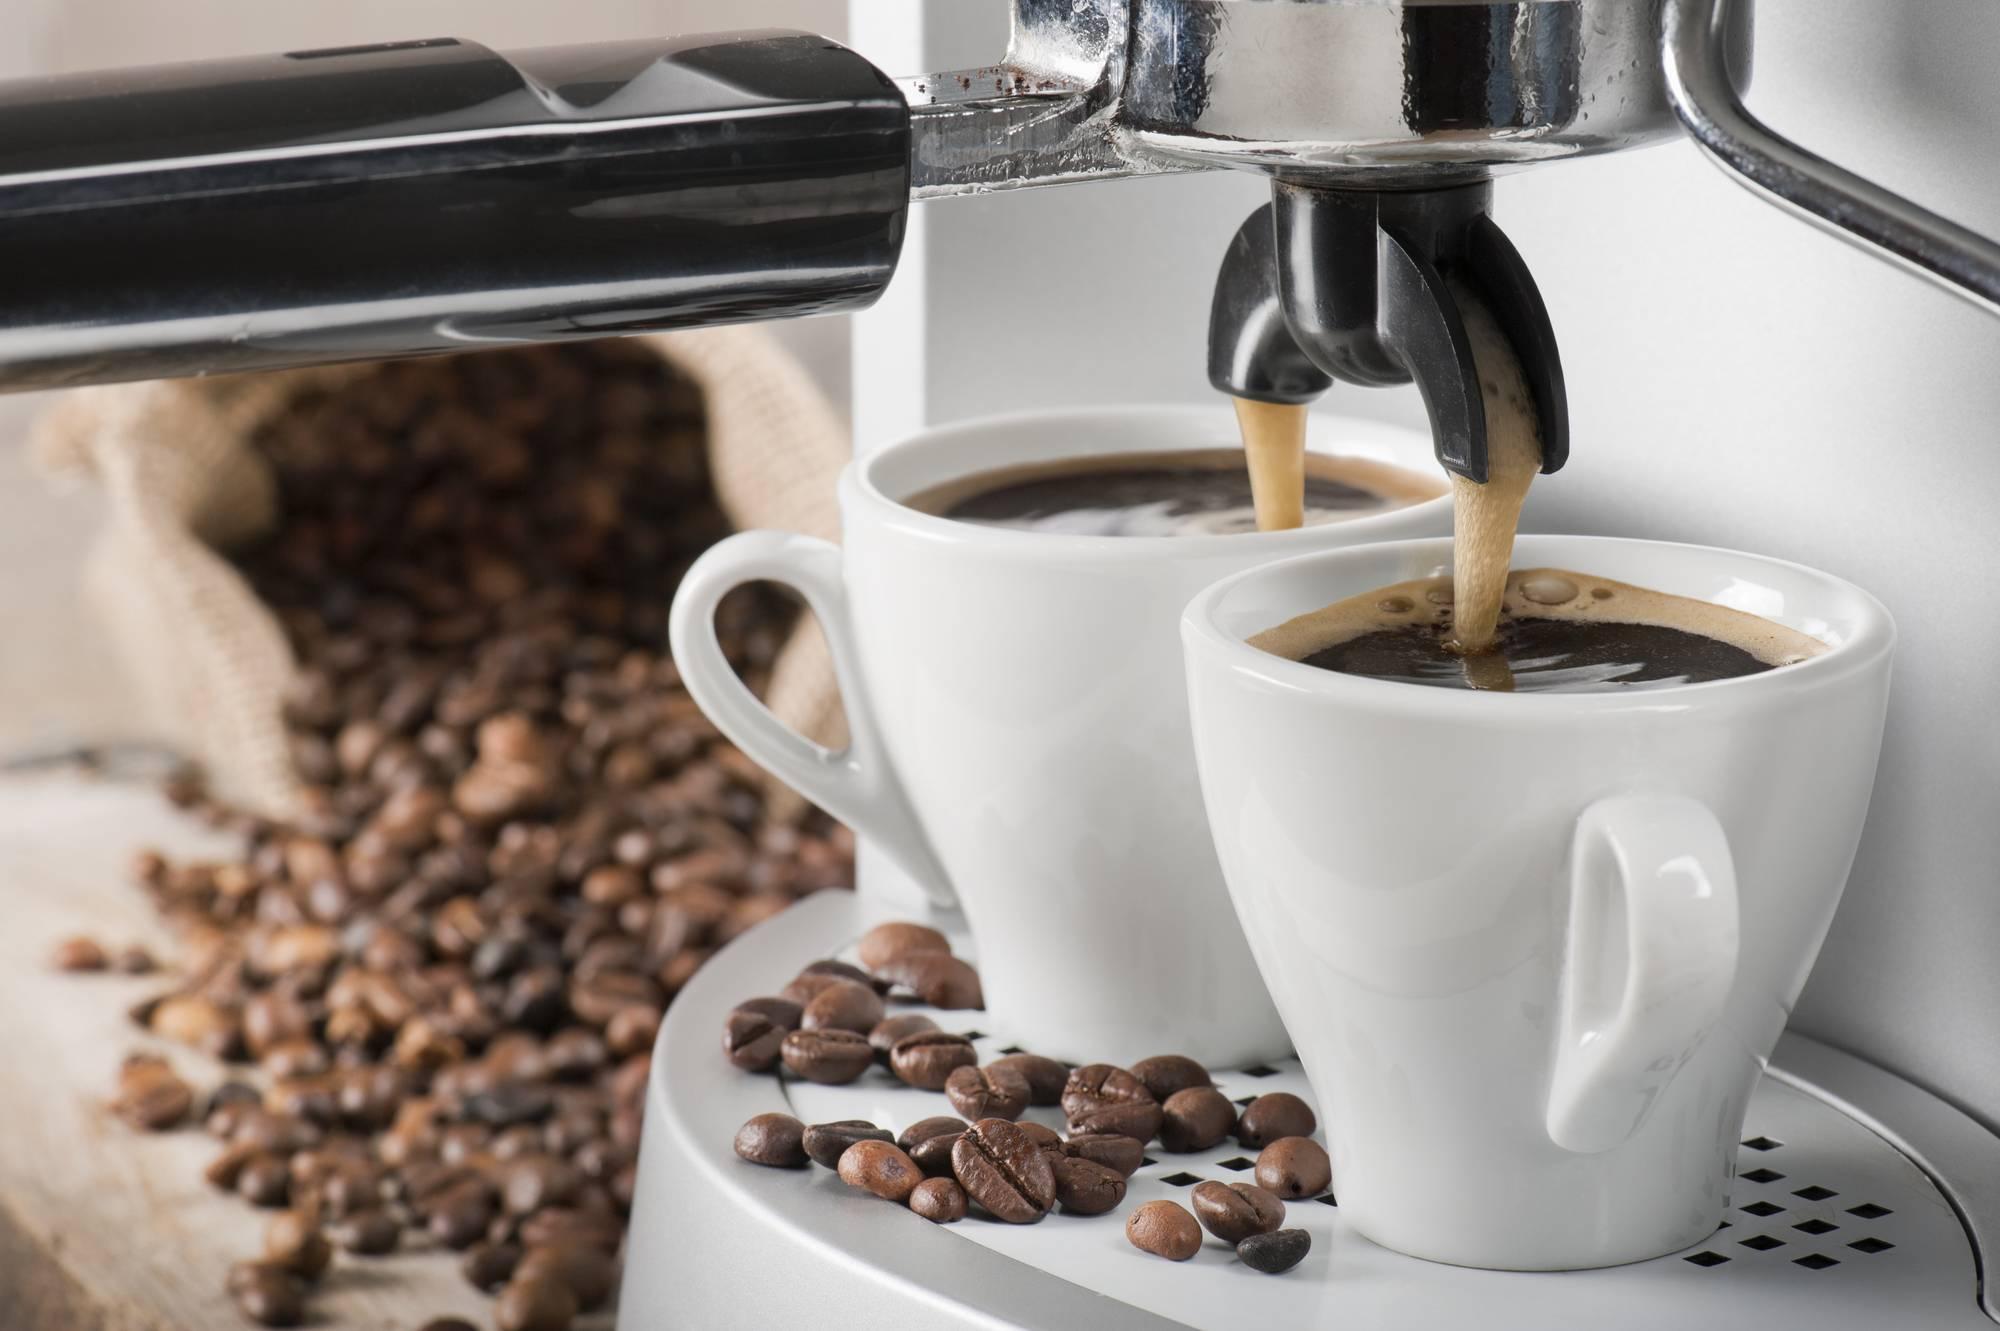 Лучшие сорта кофе в зернах для кофемашины